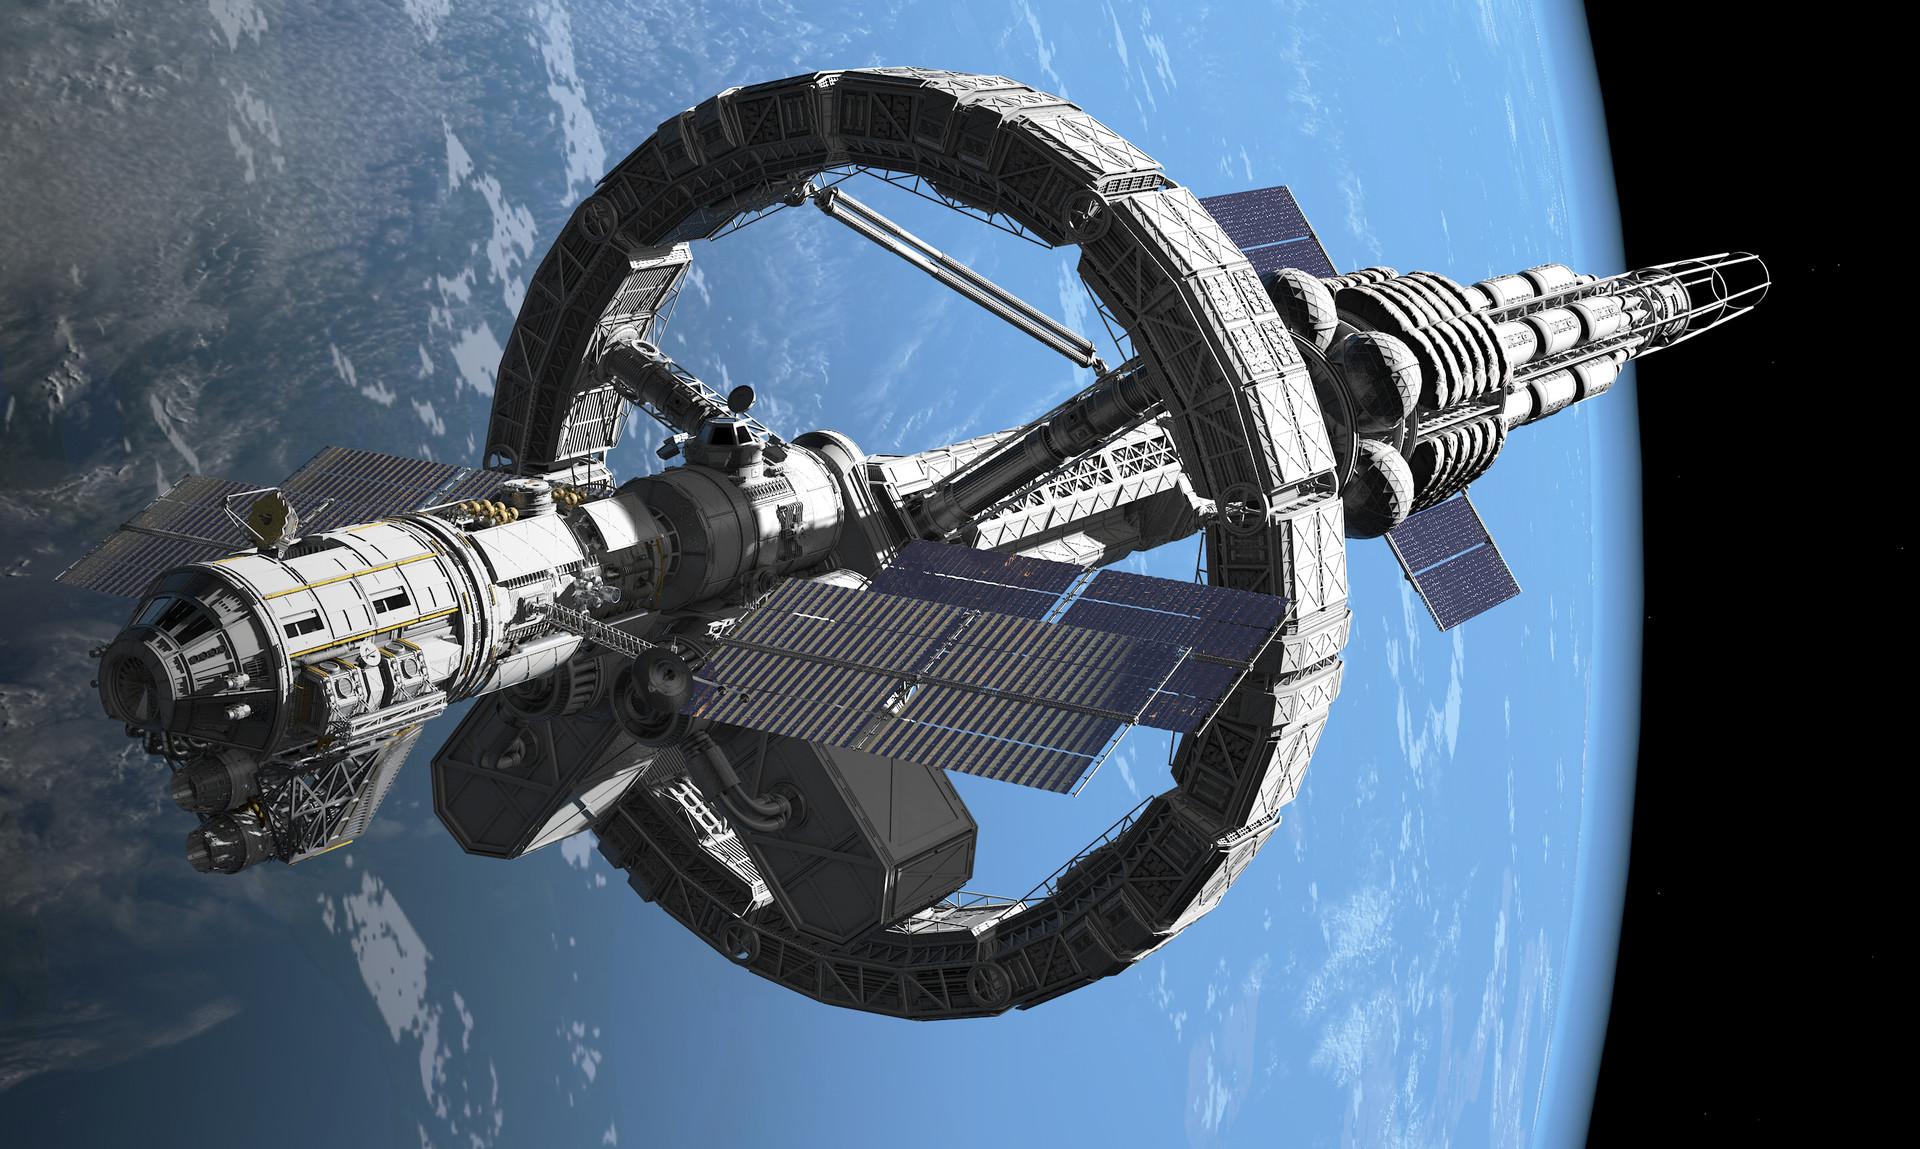 interstellar ranger spacecraft design - HD1920×1149